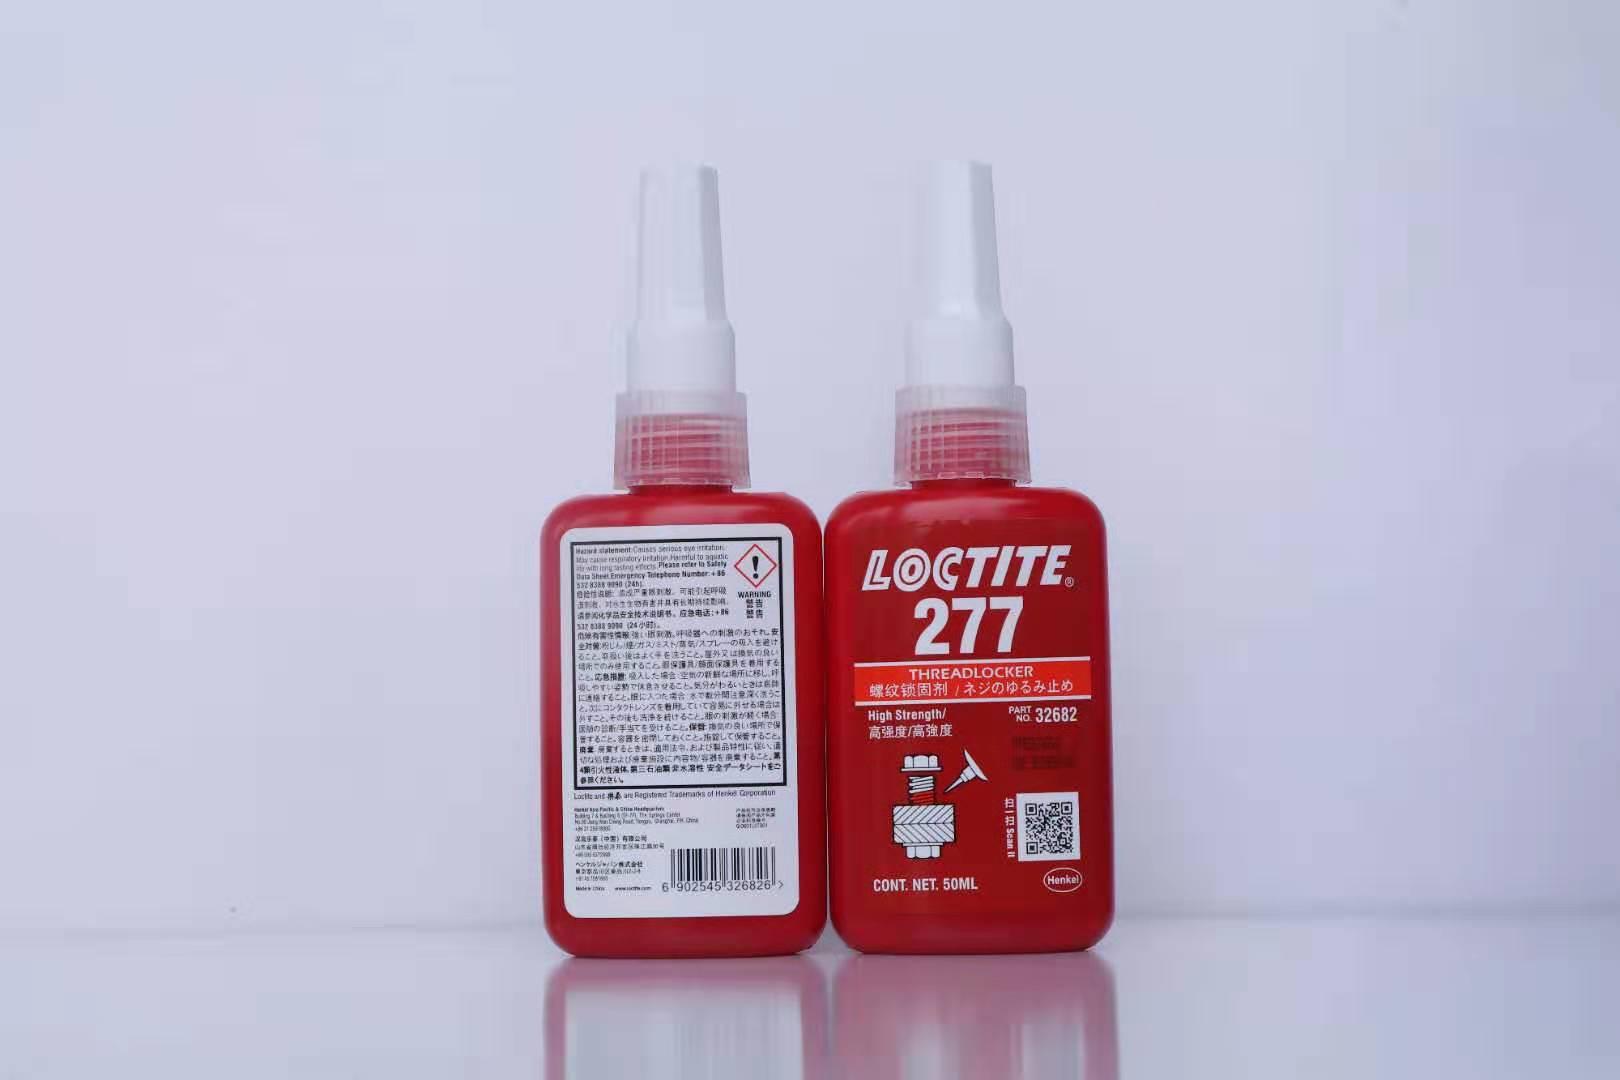 正品乐泰271螺纹锁固剂厂商出售|深圳乐泰277螺纹锁固剂制造厂家